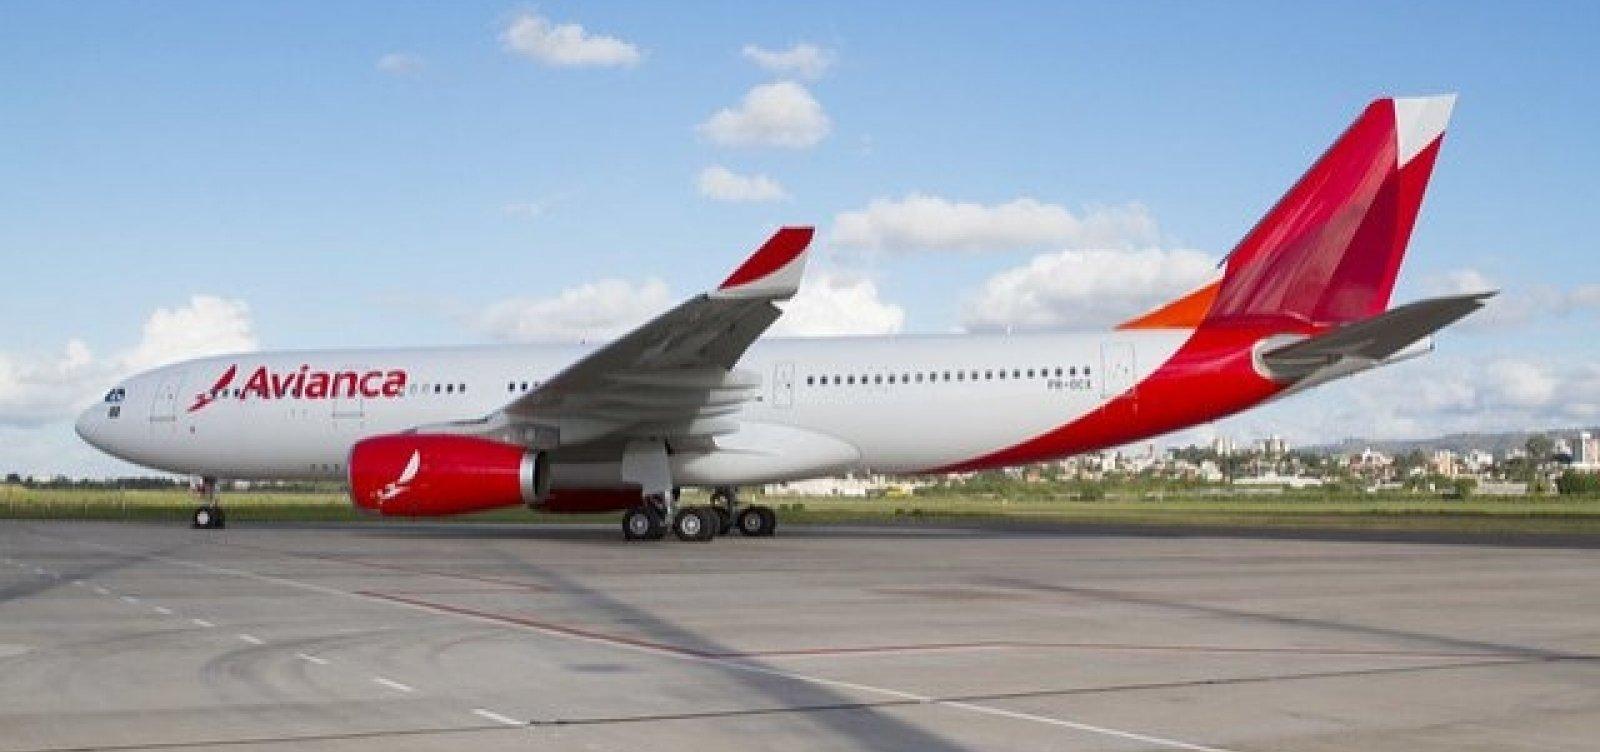 [Avianca demite cerca de 30% dos funcionários do aeroporto de Guarulhos (SP)]